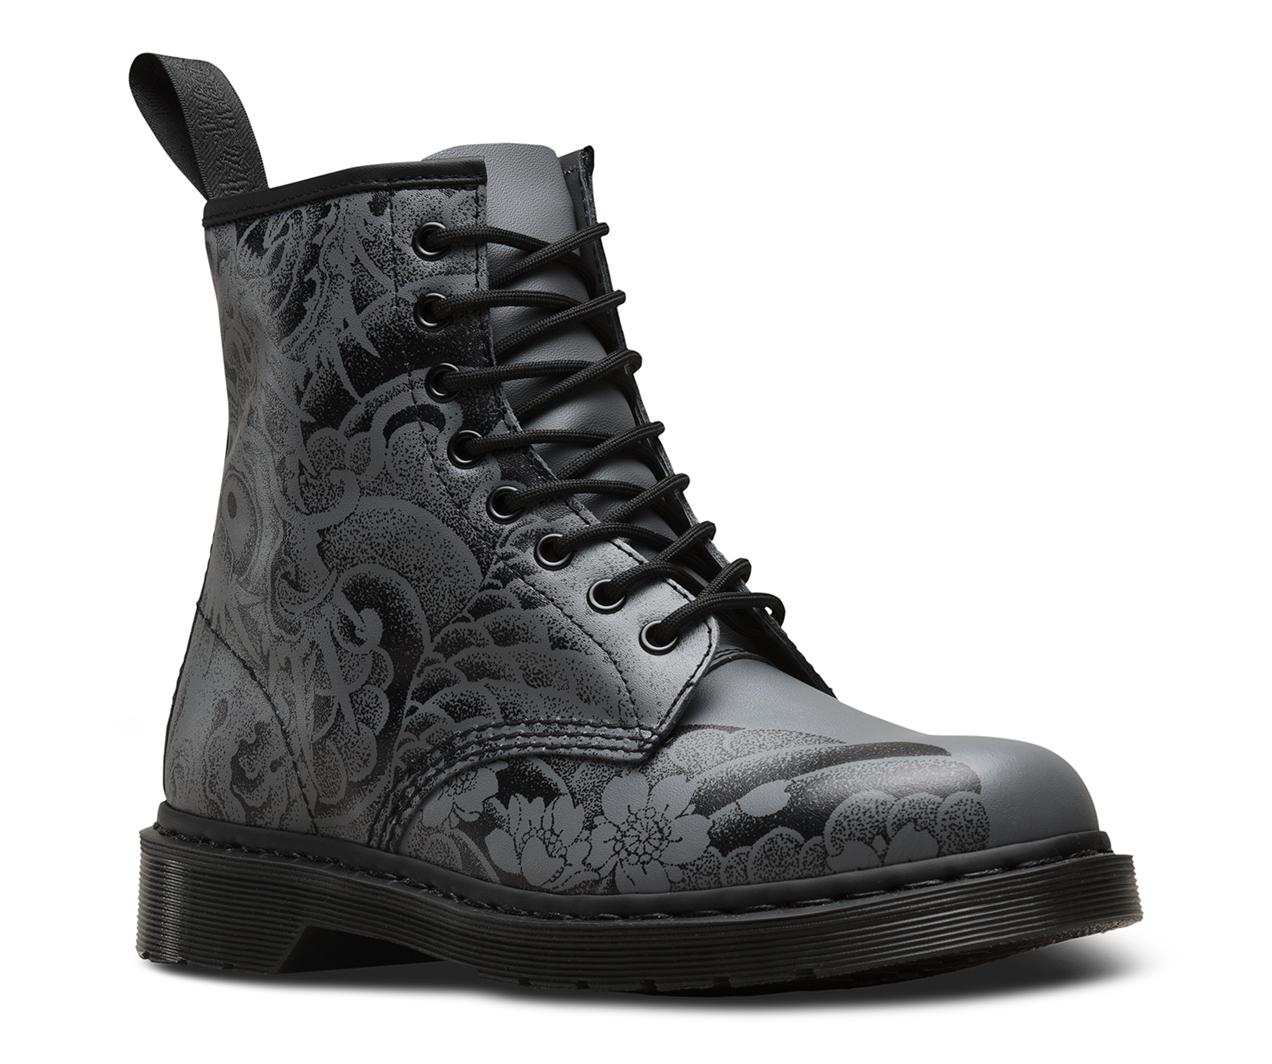 DR MARTENS 1460 Smooth | Shoes - nl.pinterest.com